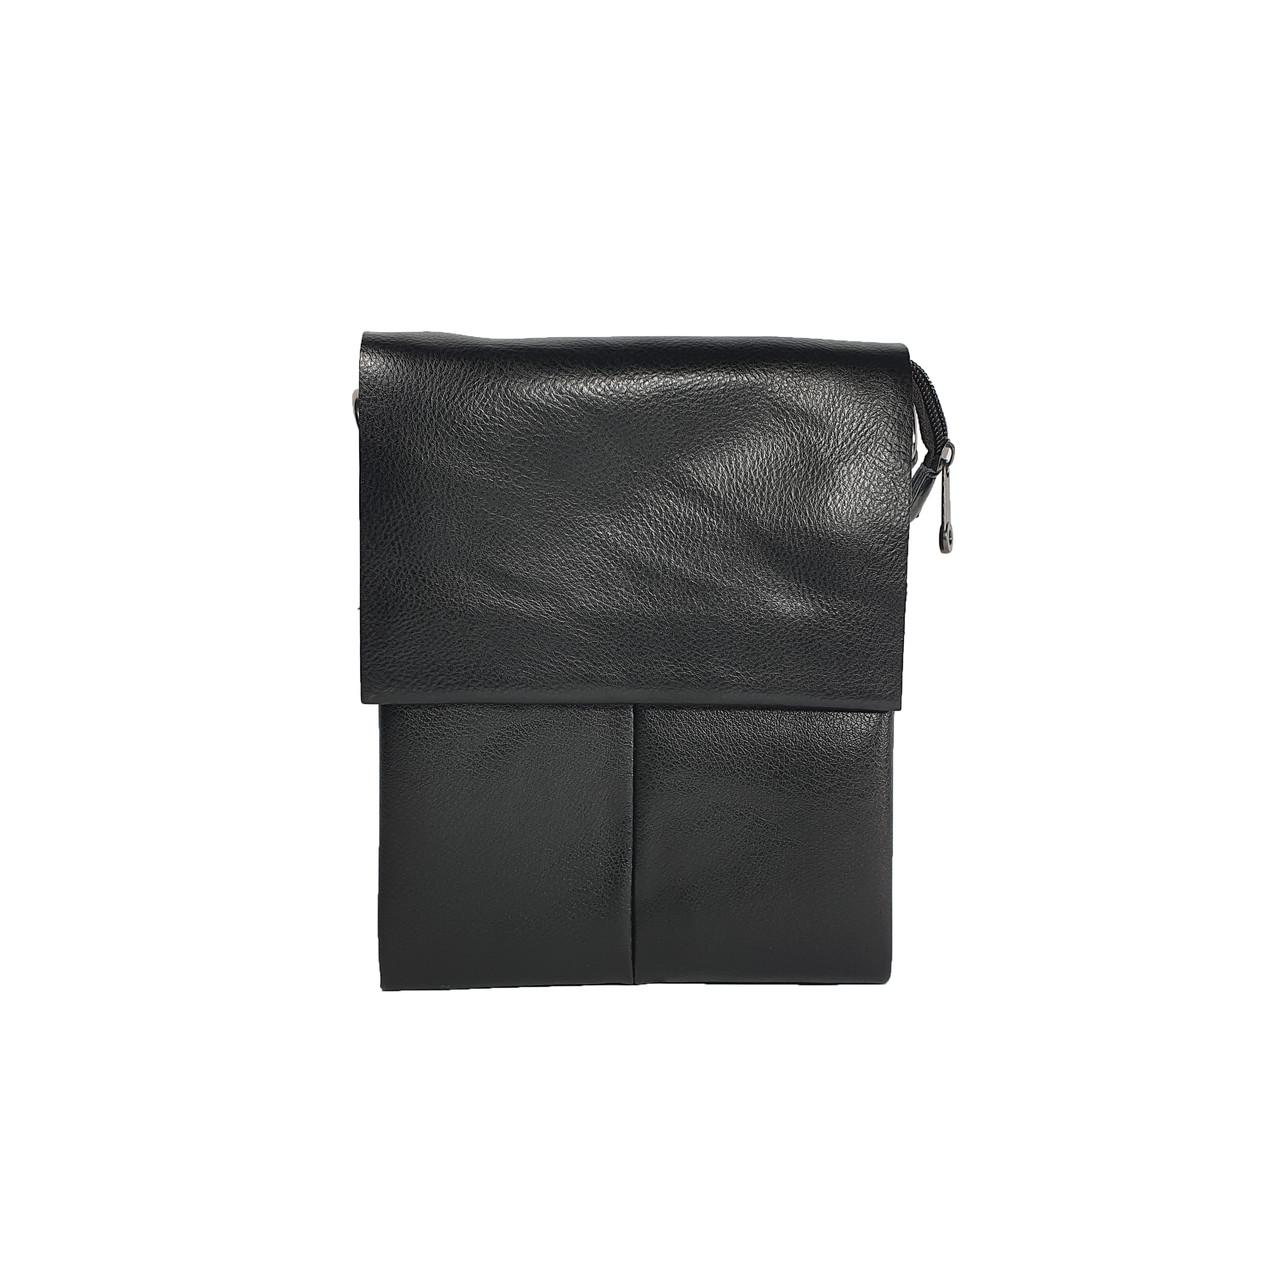 Многосекционная сумка с кожаным клапаном, средняя